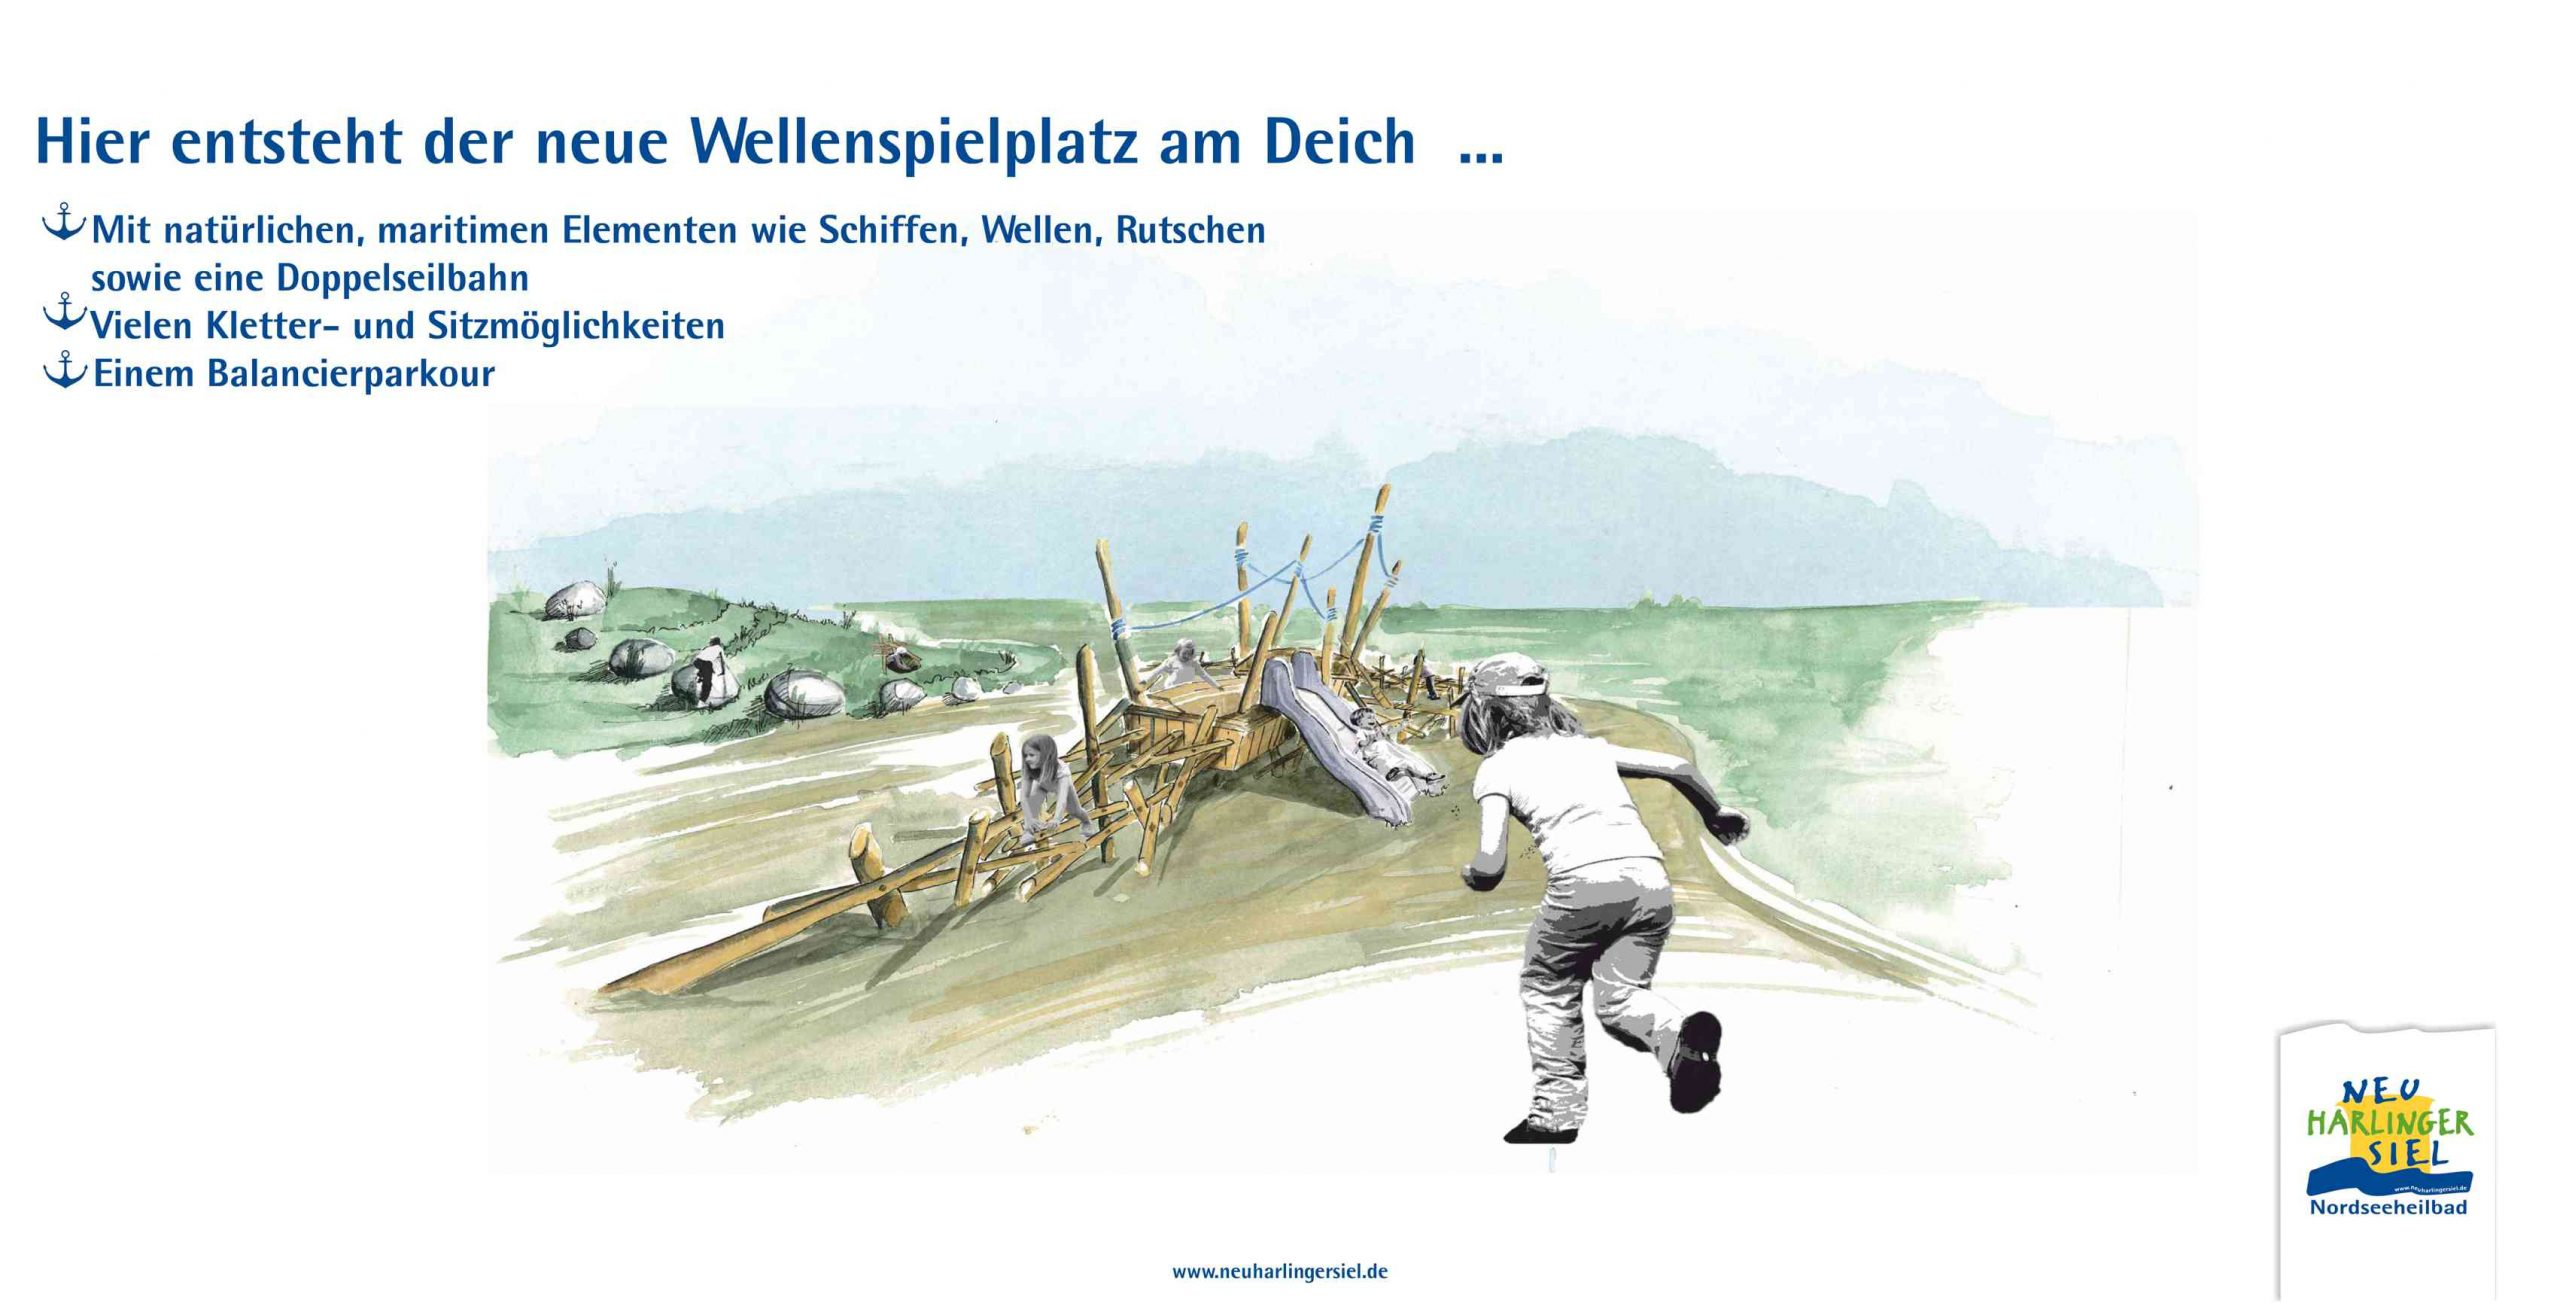 Wellenspielplatz am Deich(3)